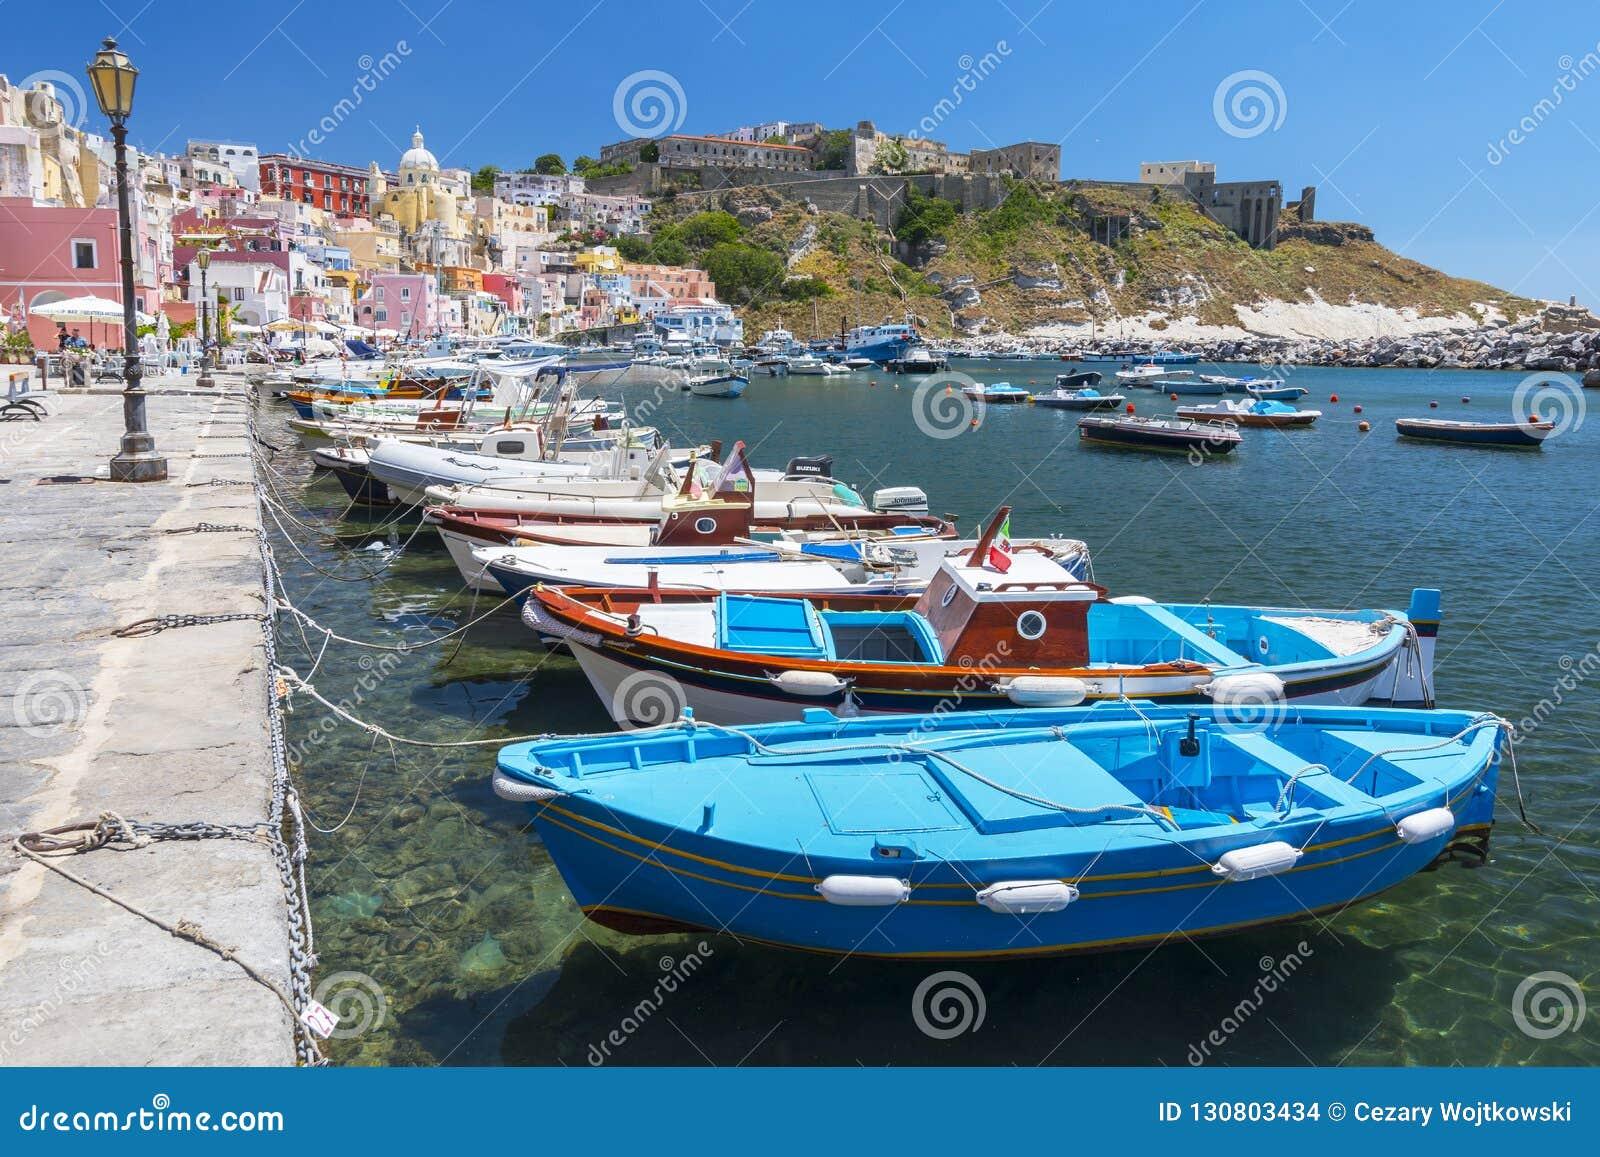 Marina Corricella avec les bateaux et les maisons colorés, Terra Murata, île de Procida, baie de Naples, Italie